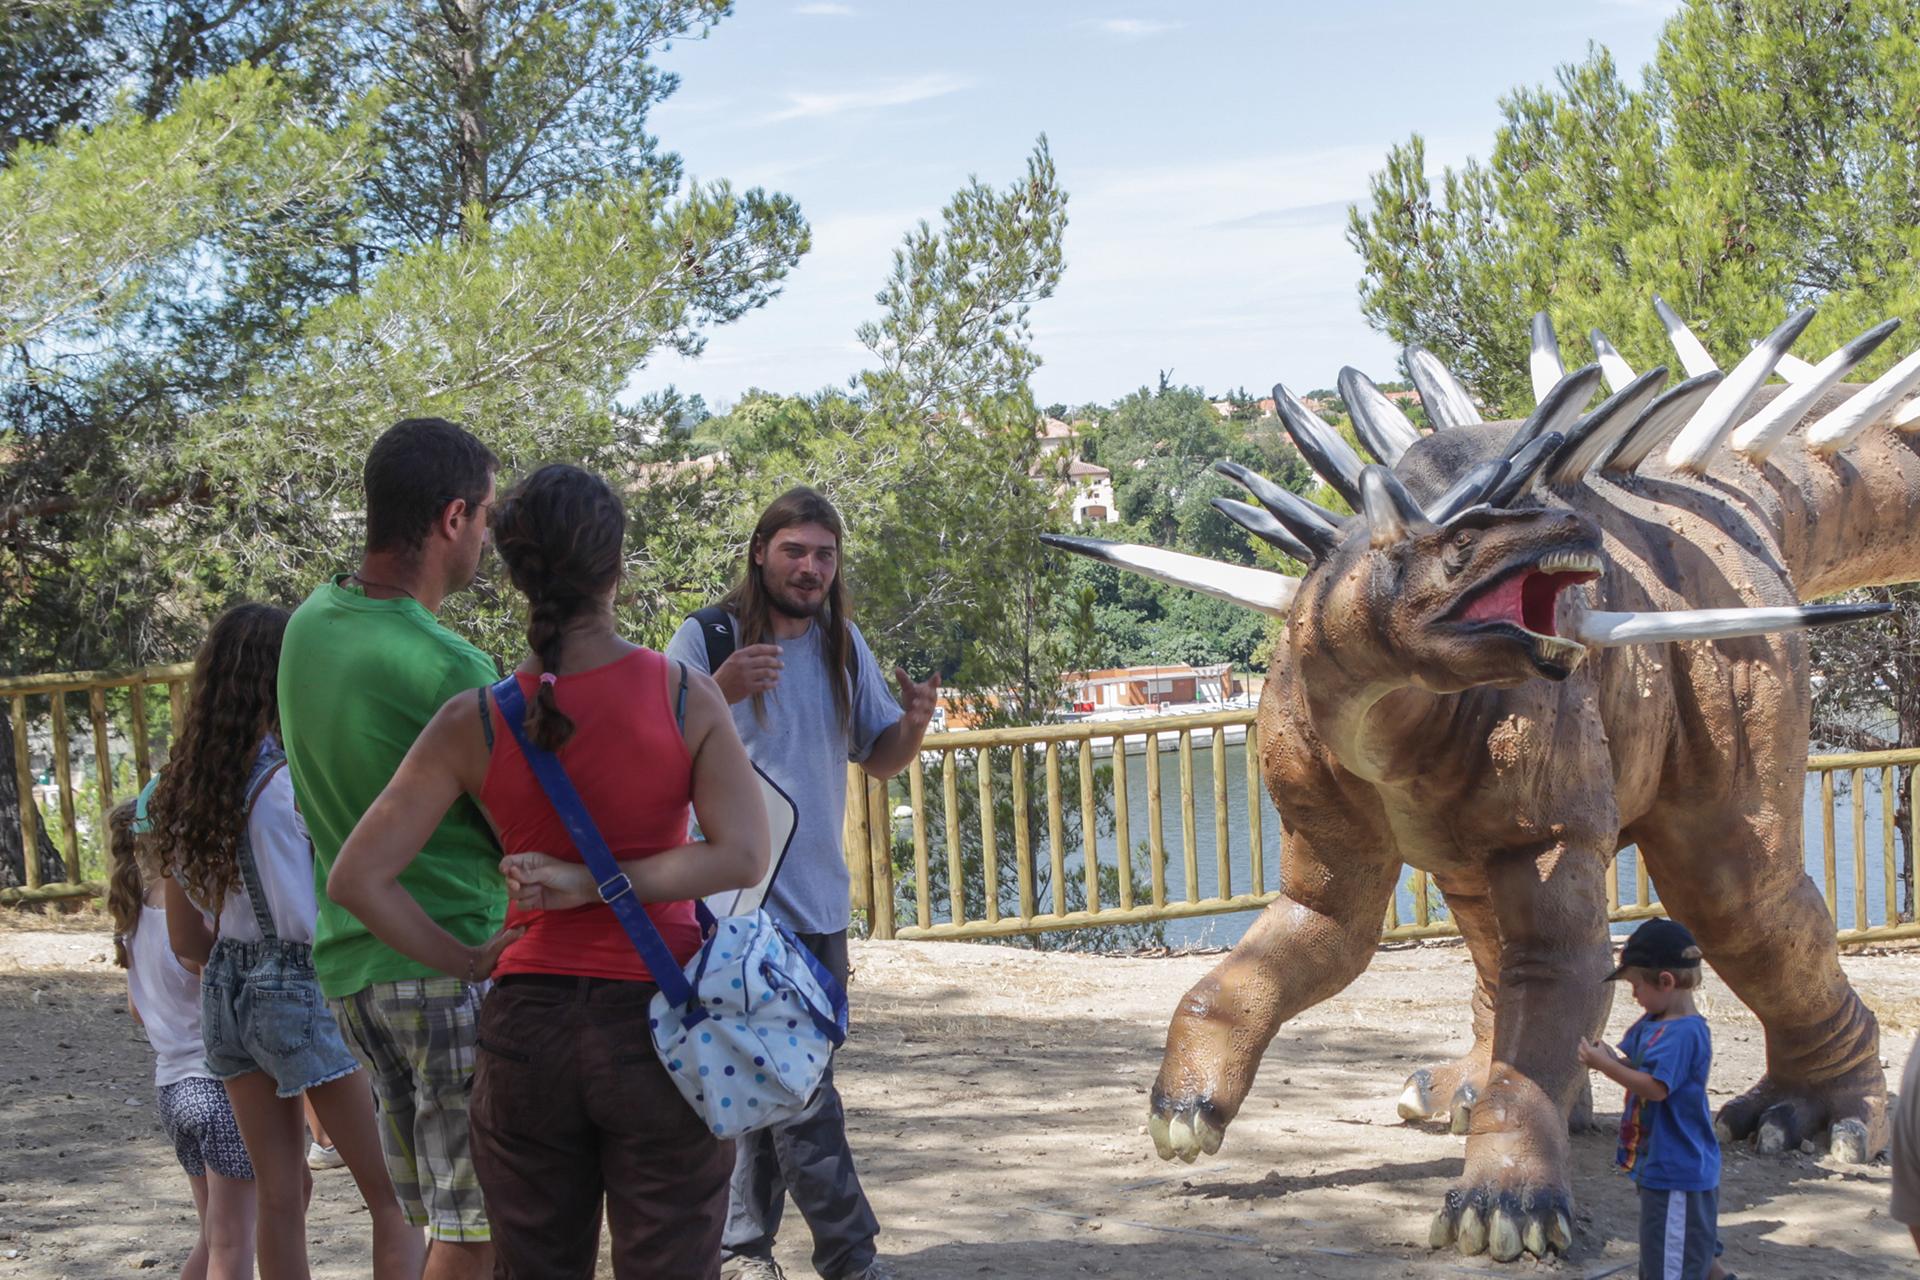 Visites commentées sur Dinosaur'Istres sur la paléontologie - © Service communication ville d'Istres